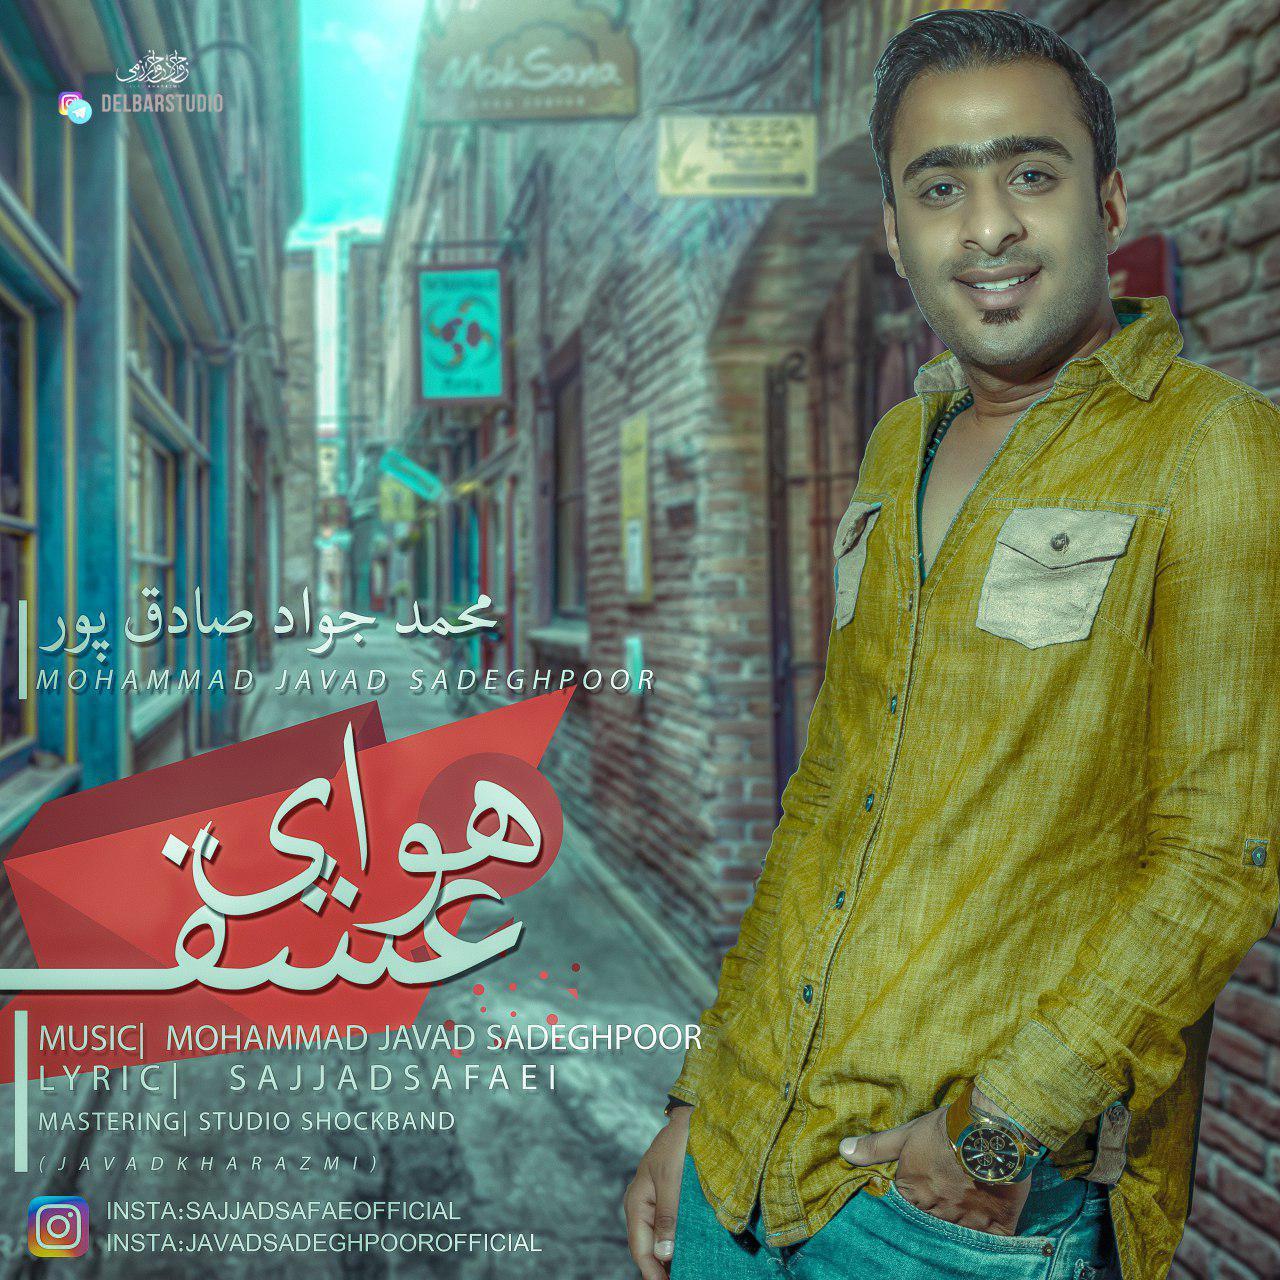 دانلود آهنگ جدید محمد جواد صادقپور به نام هوای عشقم